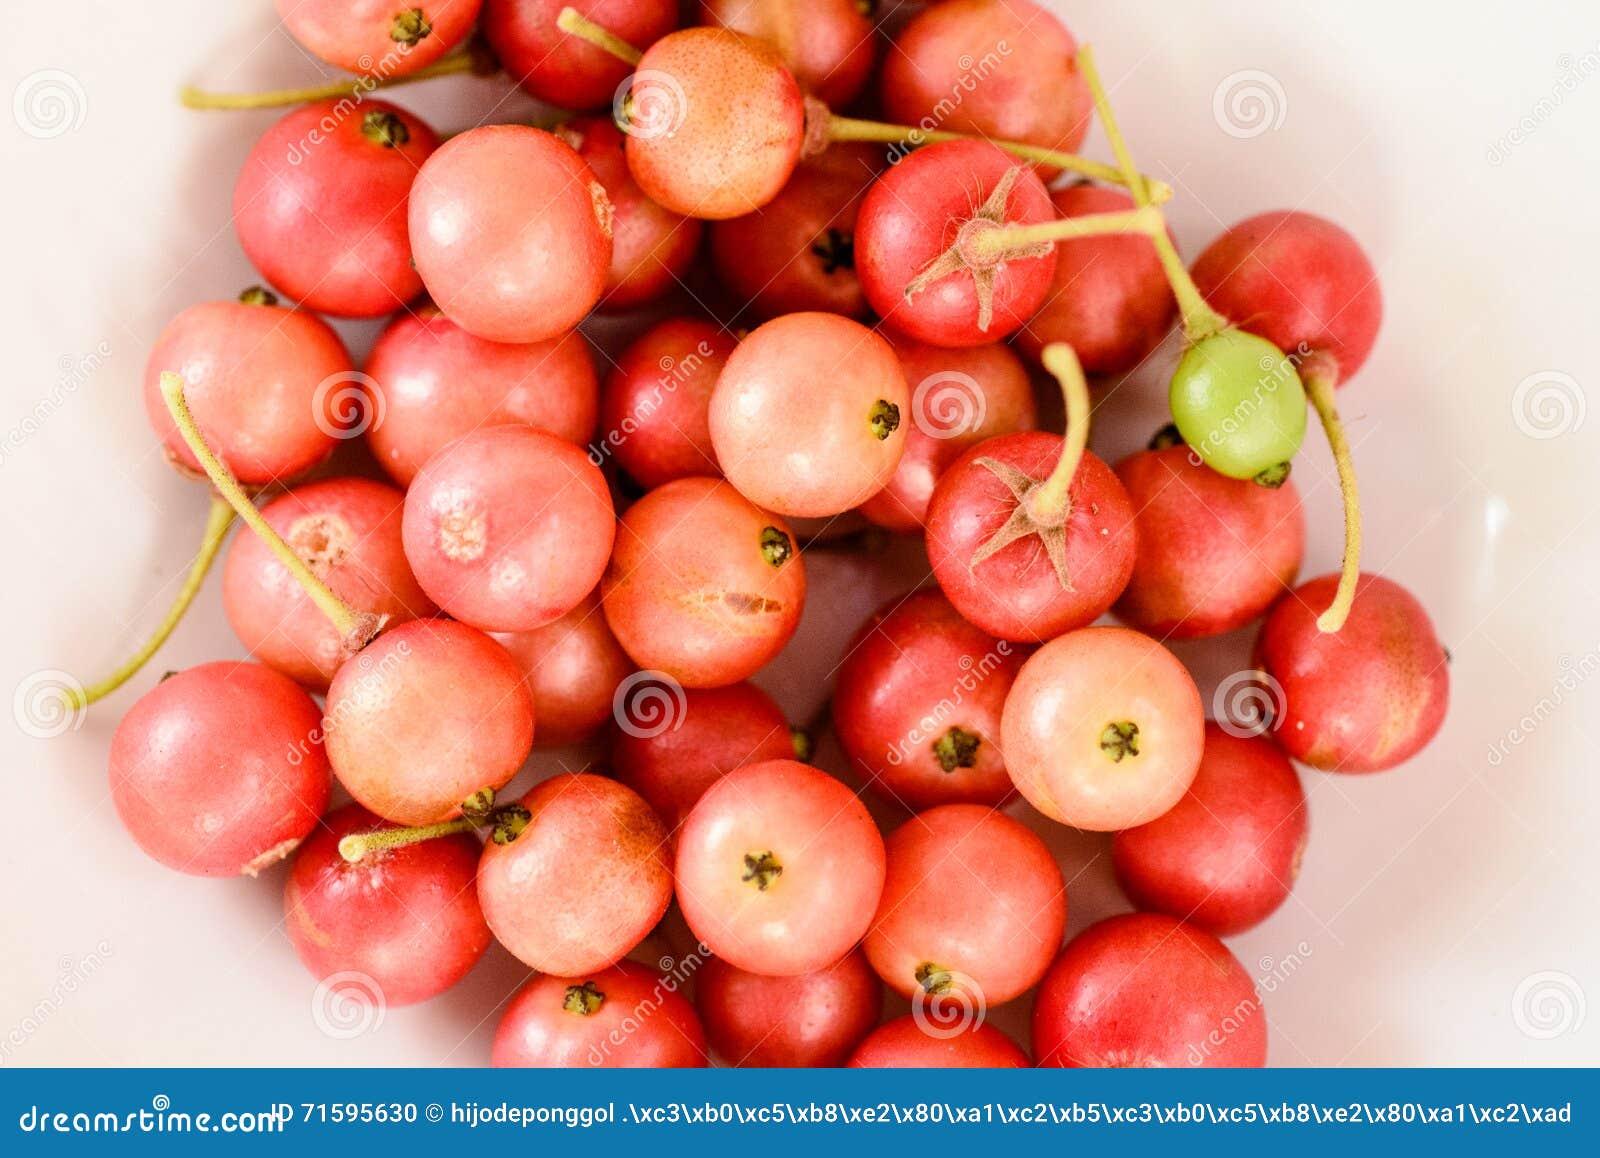 Aratilis Fruits In White Background Stock Photo - Image of